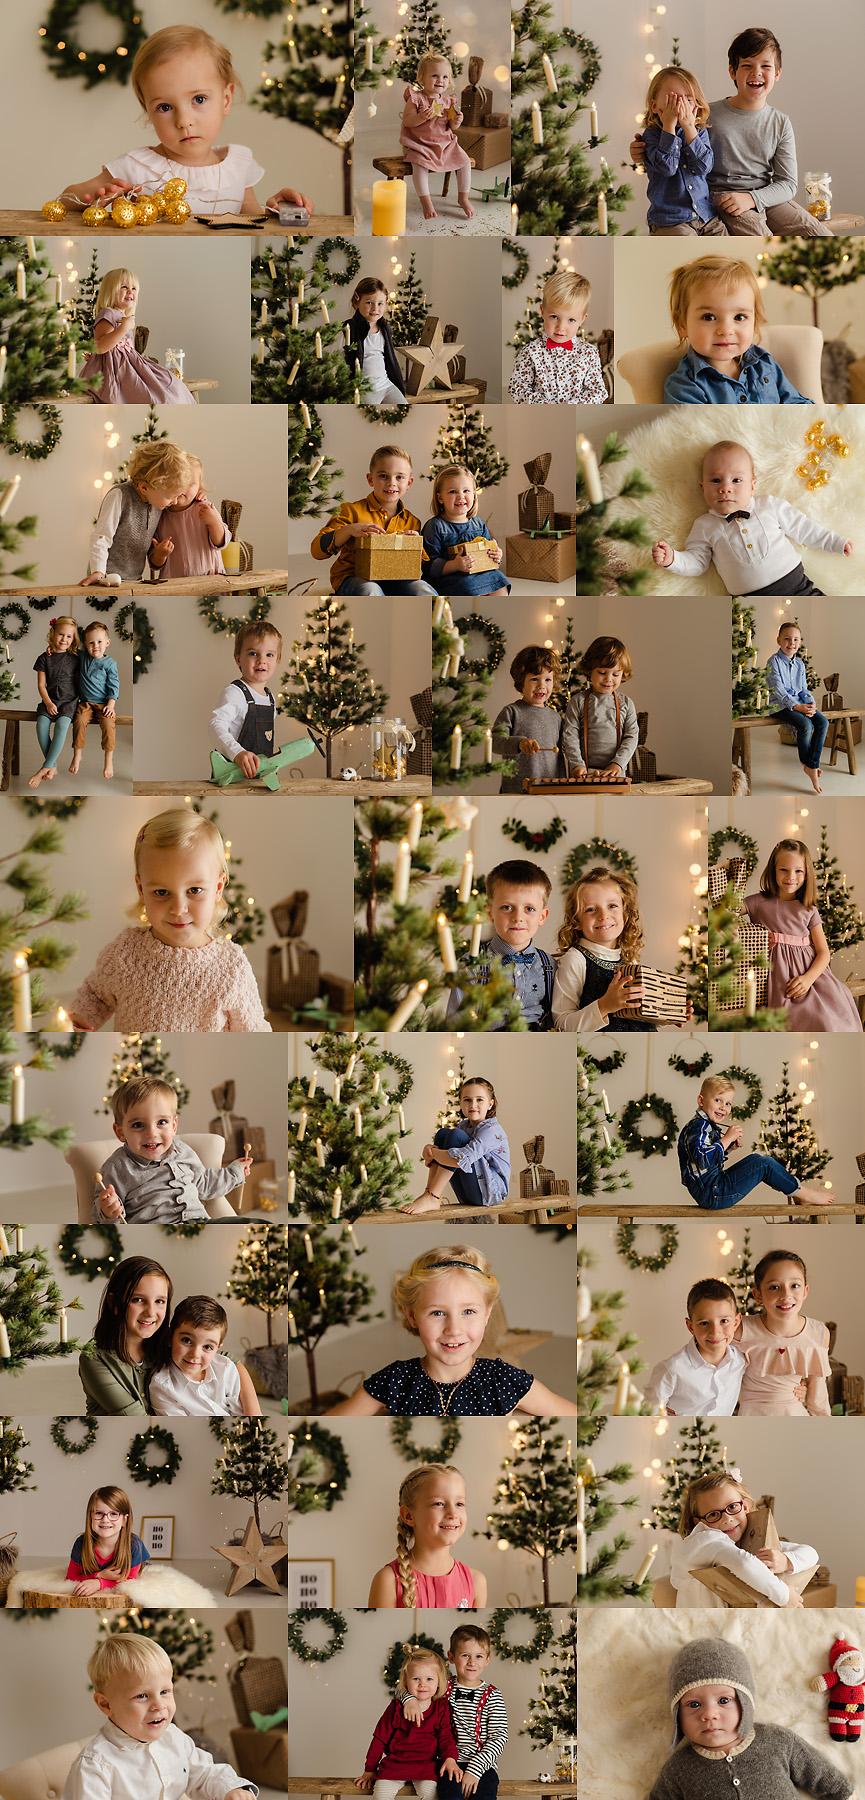 Britta_Passmann_Weihnachtsfotos_Kinderfotos_Dortmund